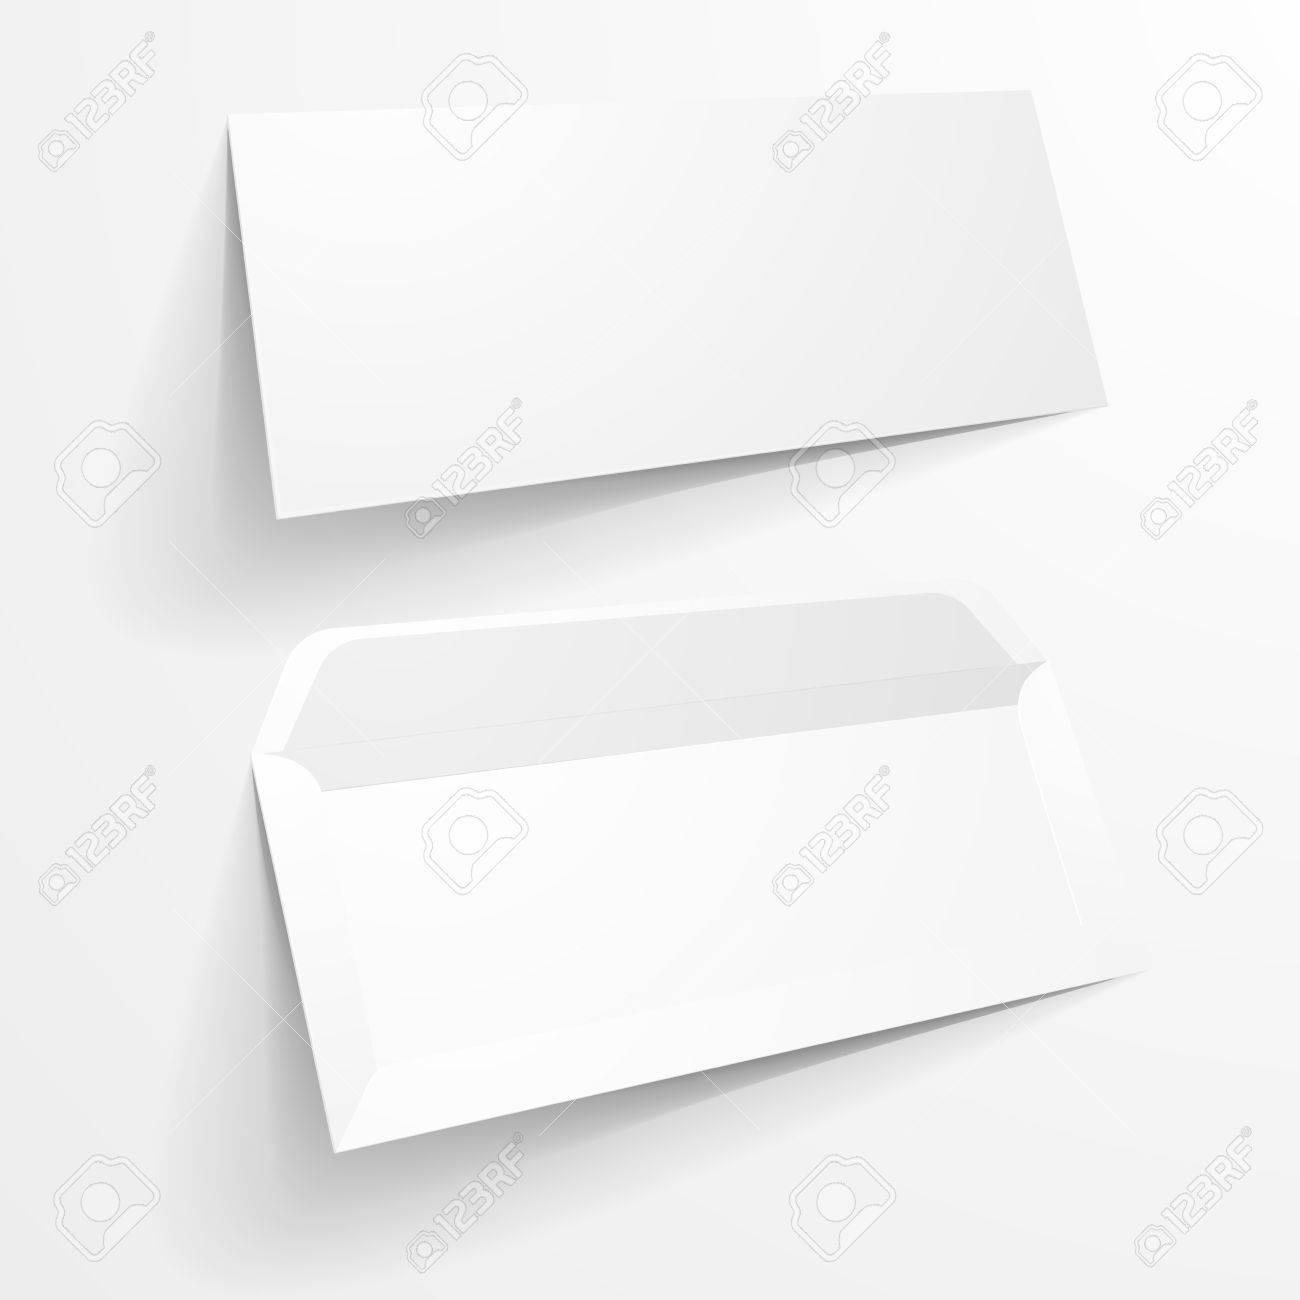 Ilustración Detallada De Un Espacio En Blanco Plantillas Maqueta ...